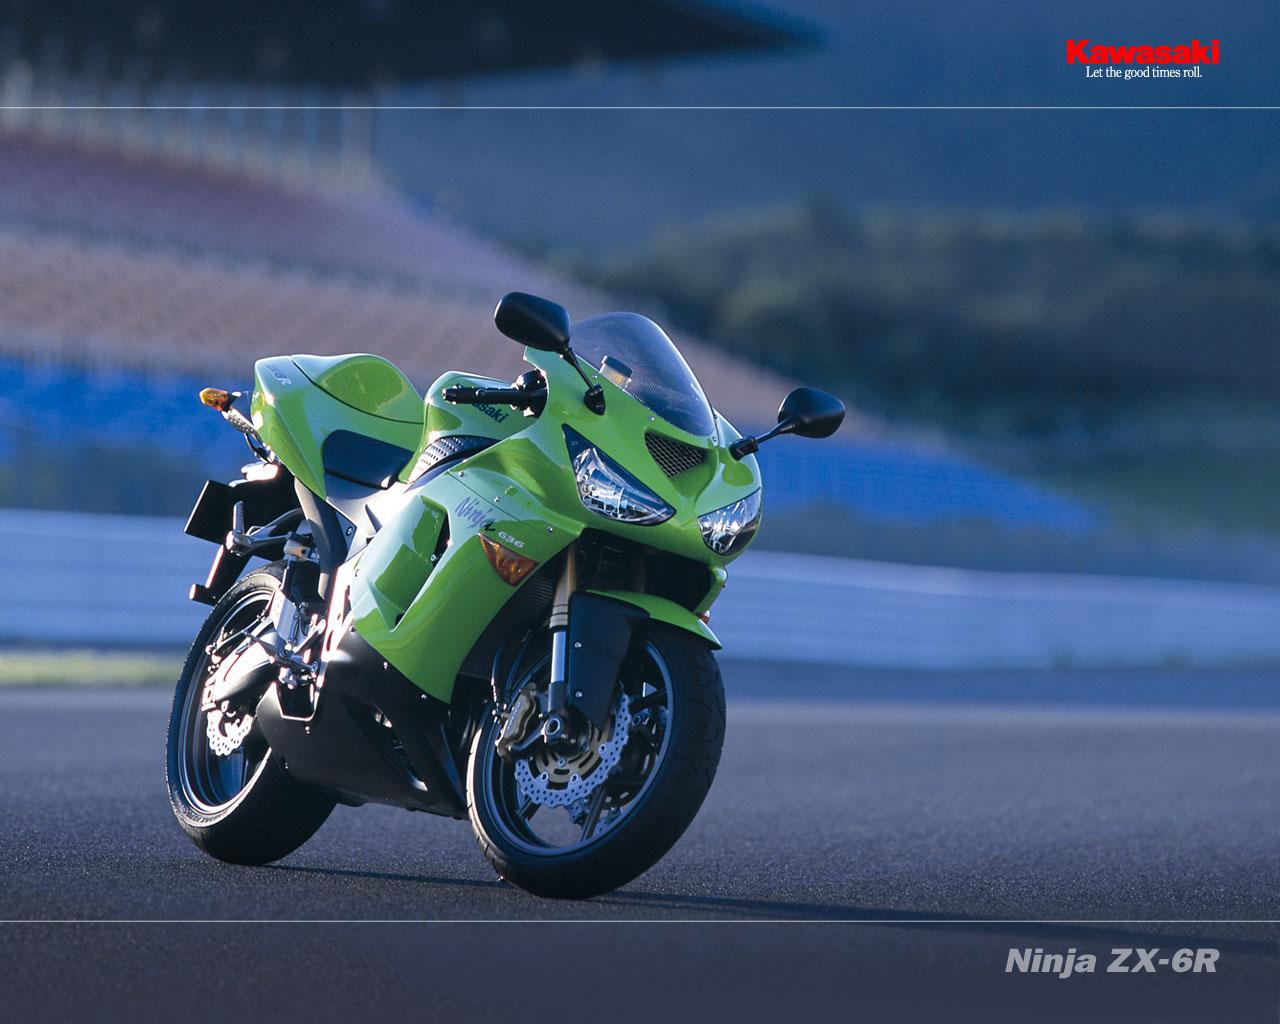 Kawasaki Zx 6r 2005 Testbericht 2004 Ninja 636 Engine Diagram Geiler Bildschirmhintergrund Zum Trumen